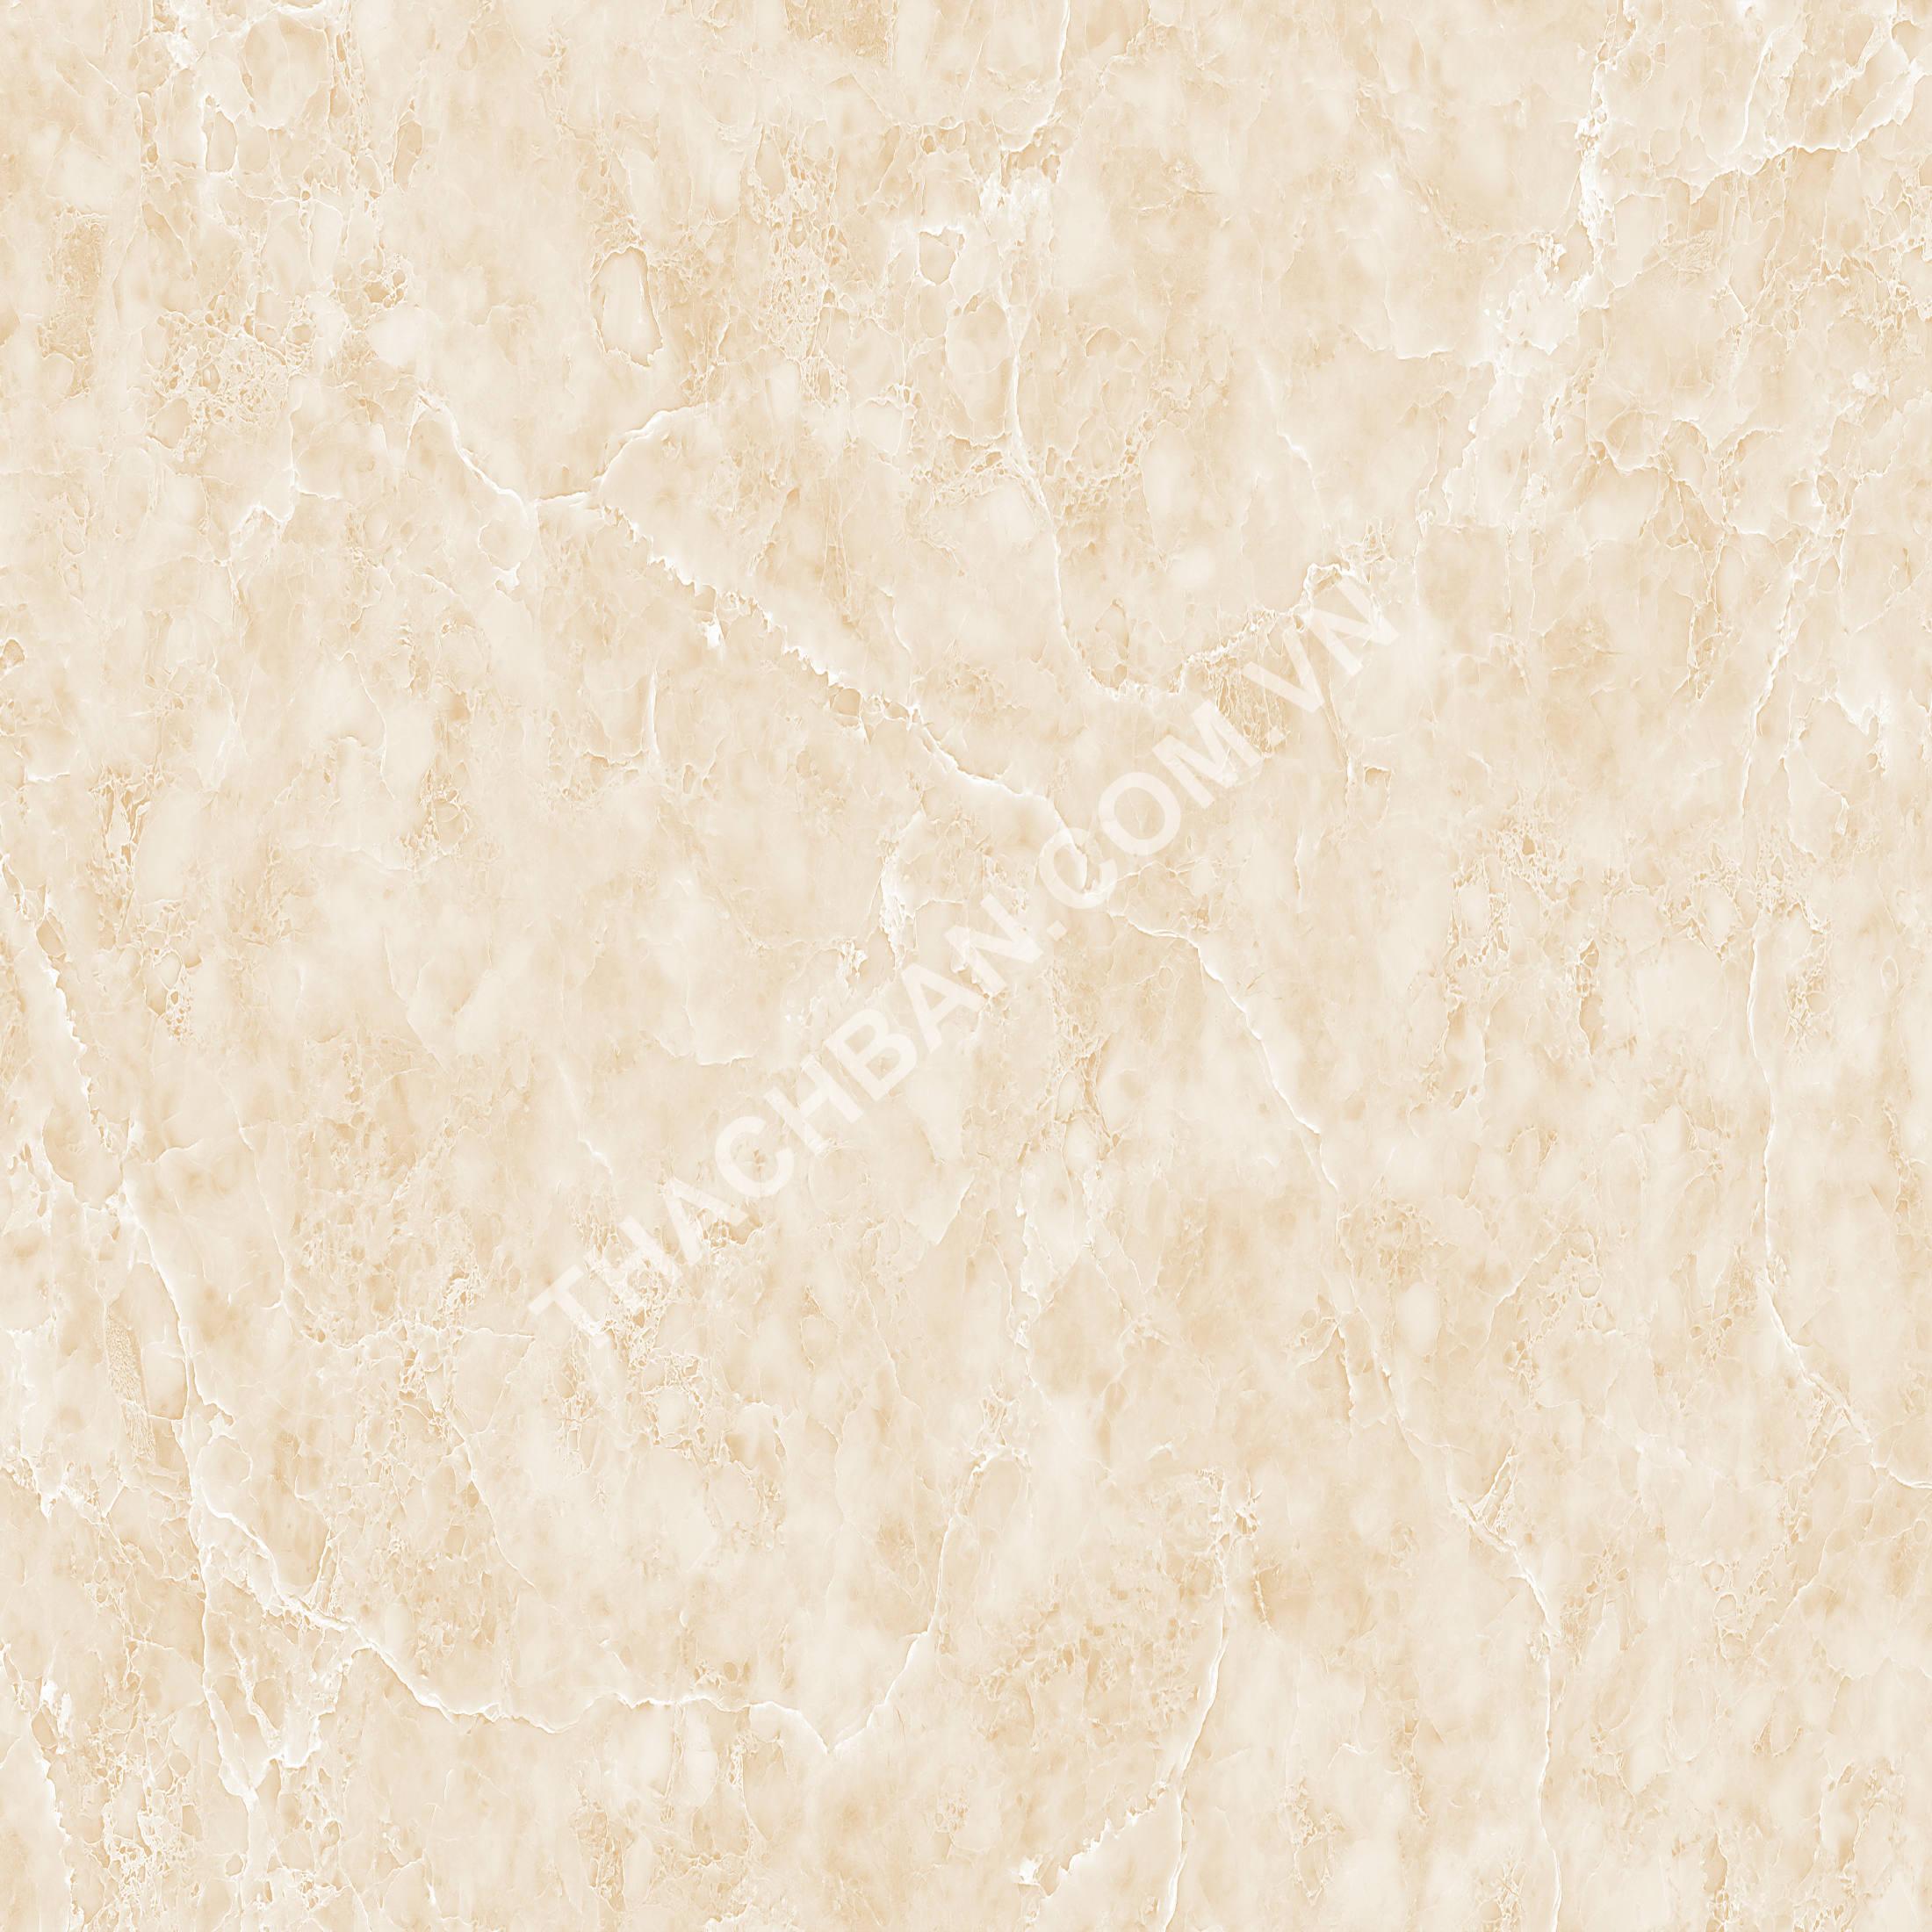 GLAZED PORCELAIN TILES (POLISHED) - BCN 061